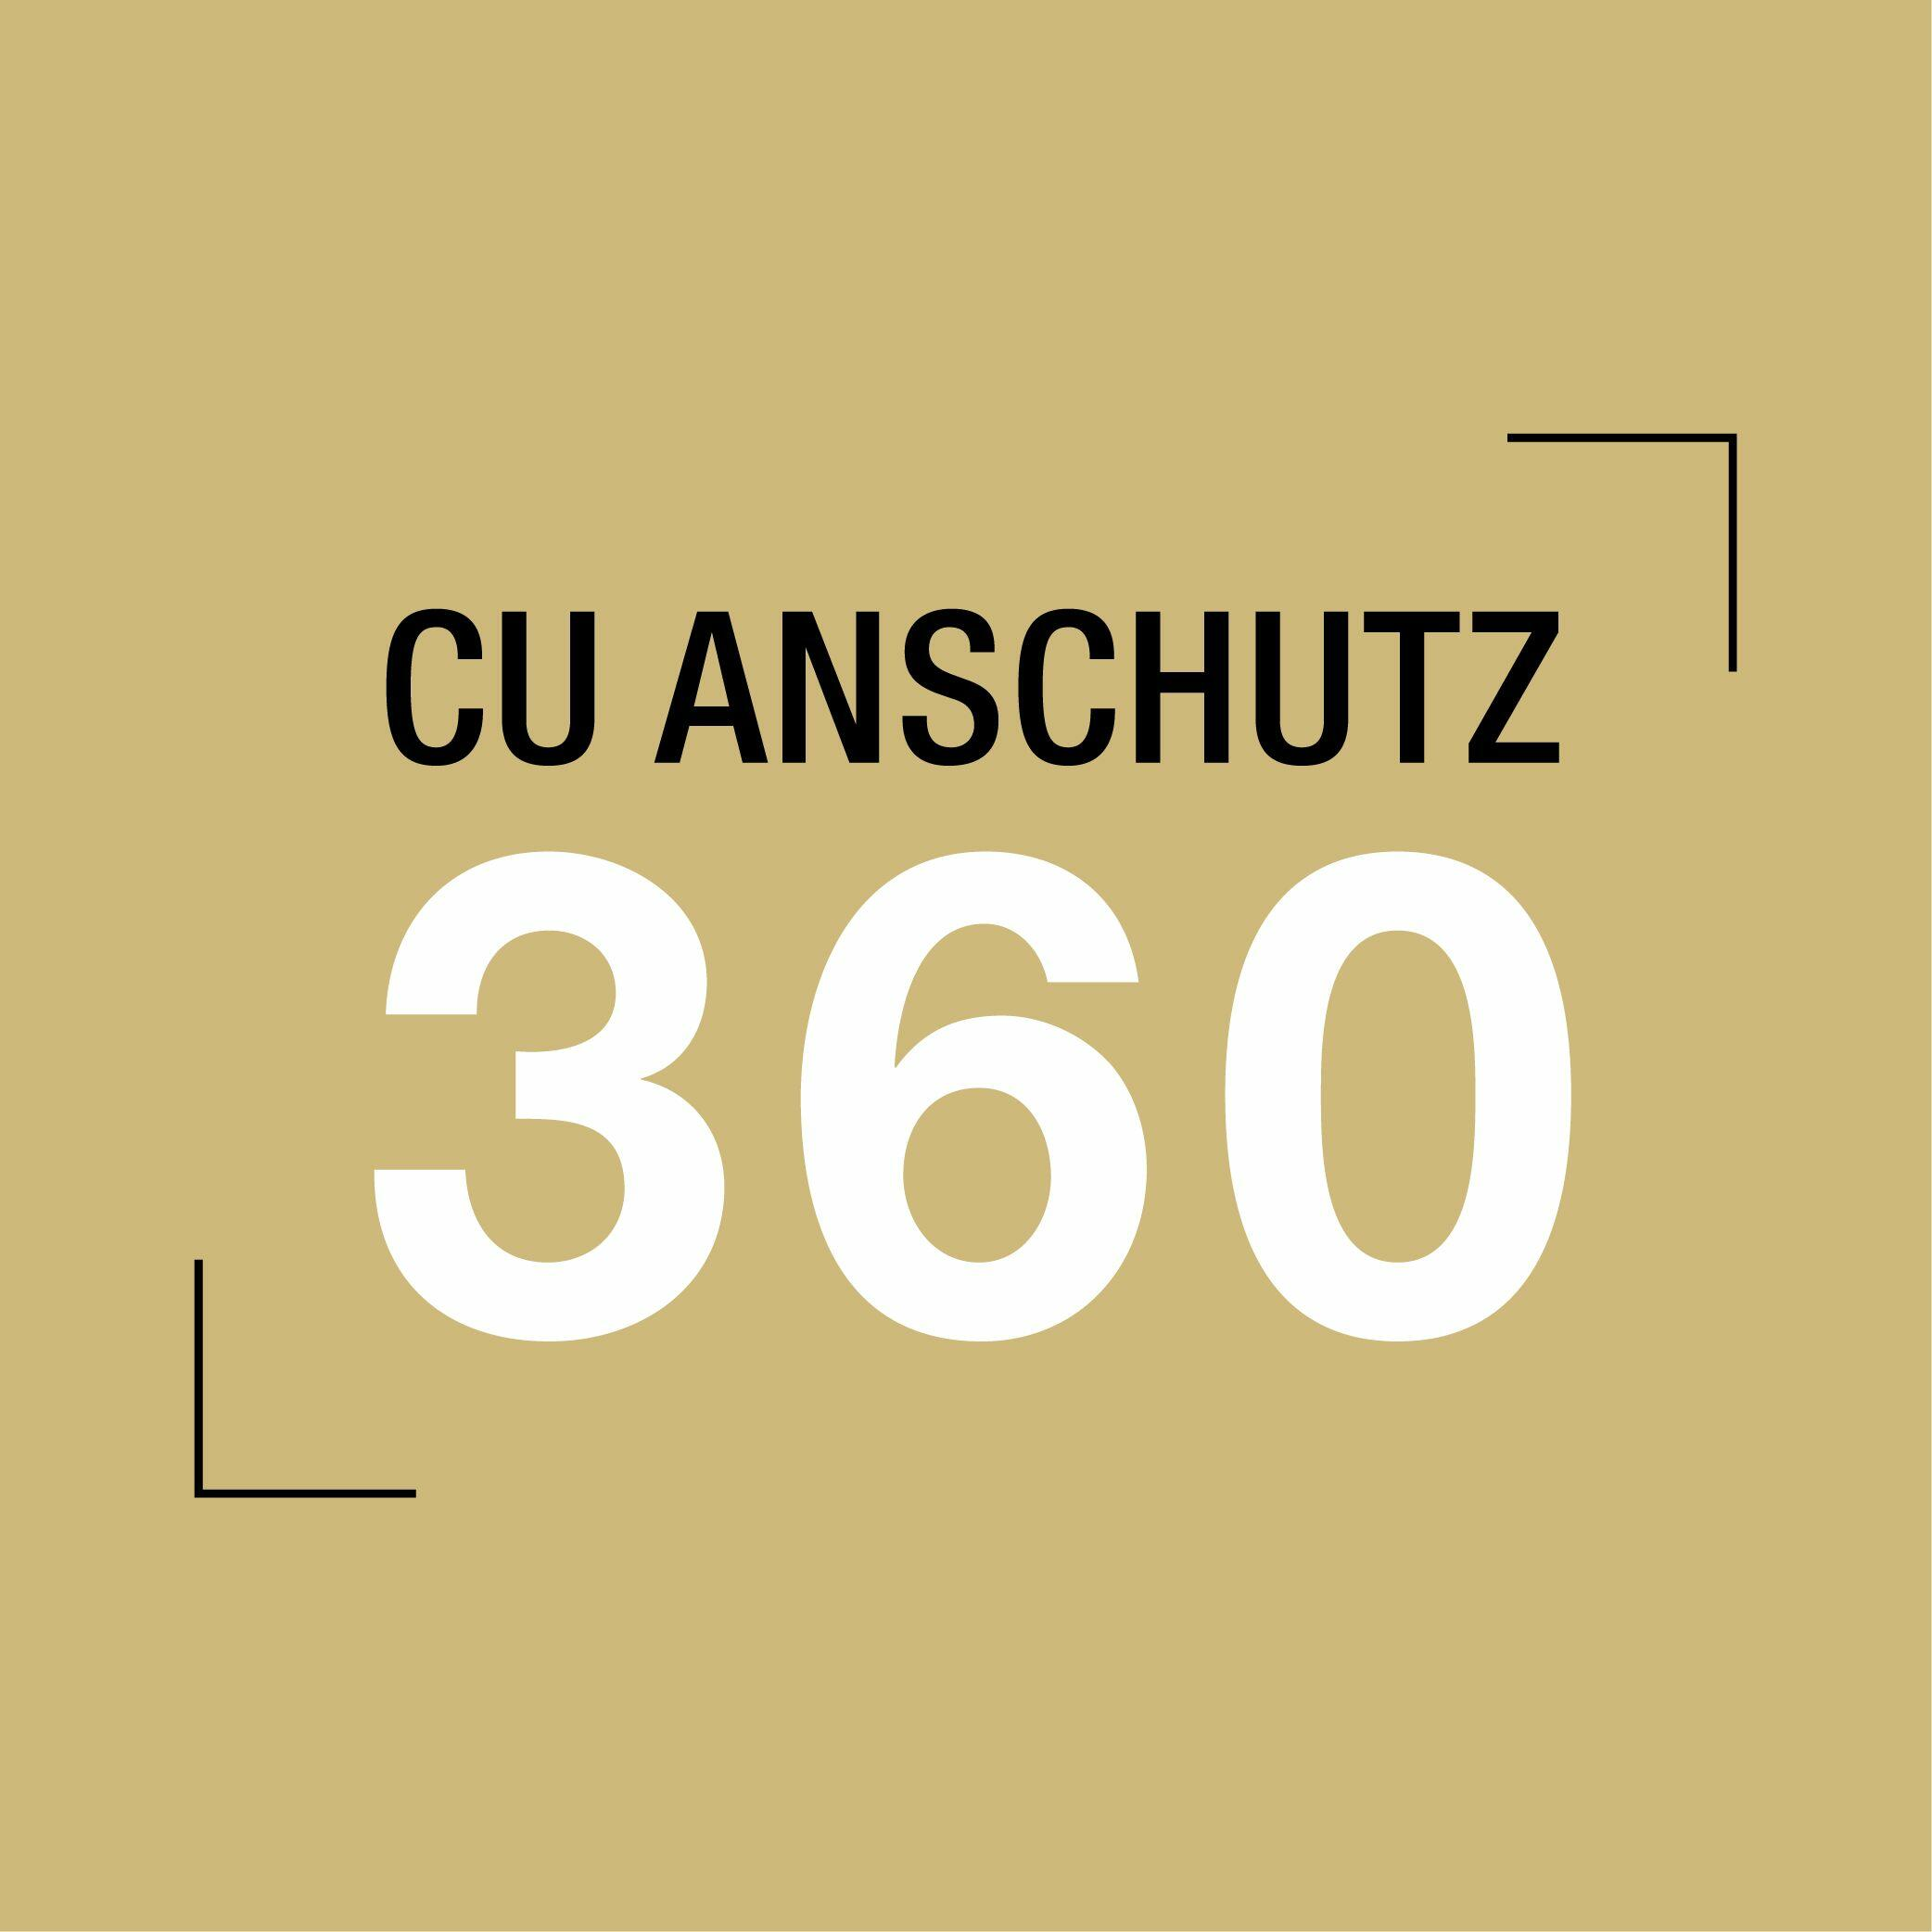 CU Anschutz 360